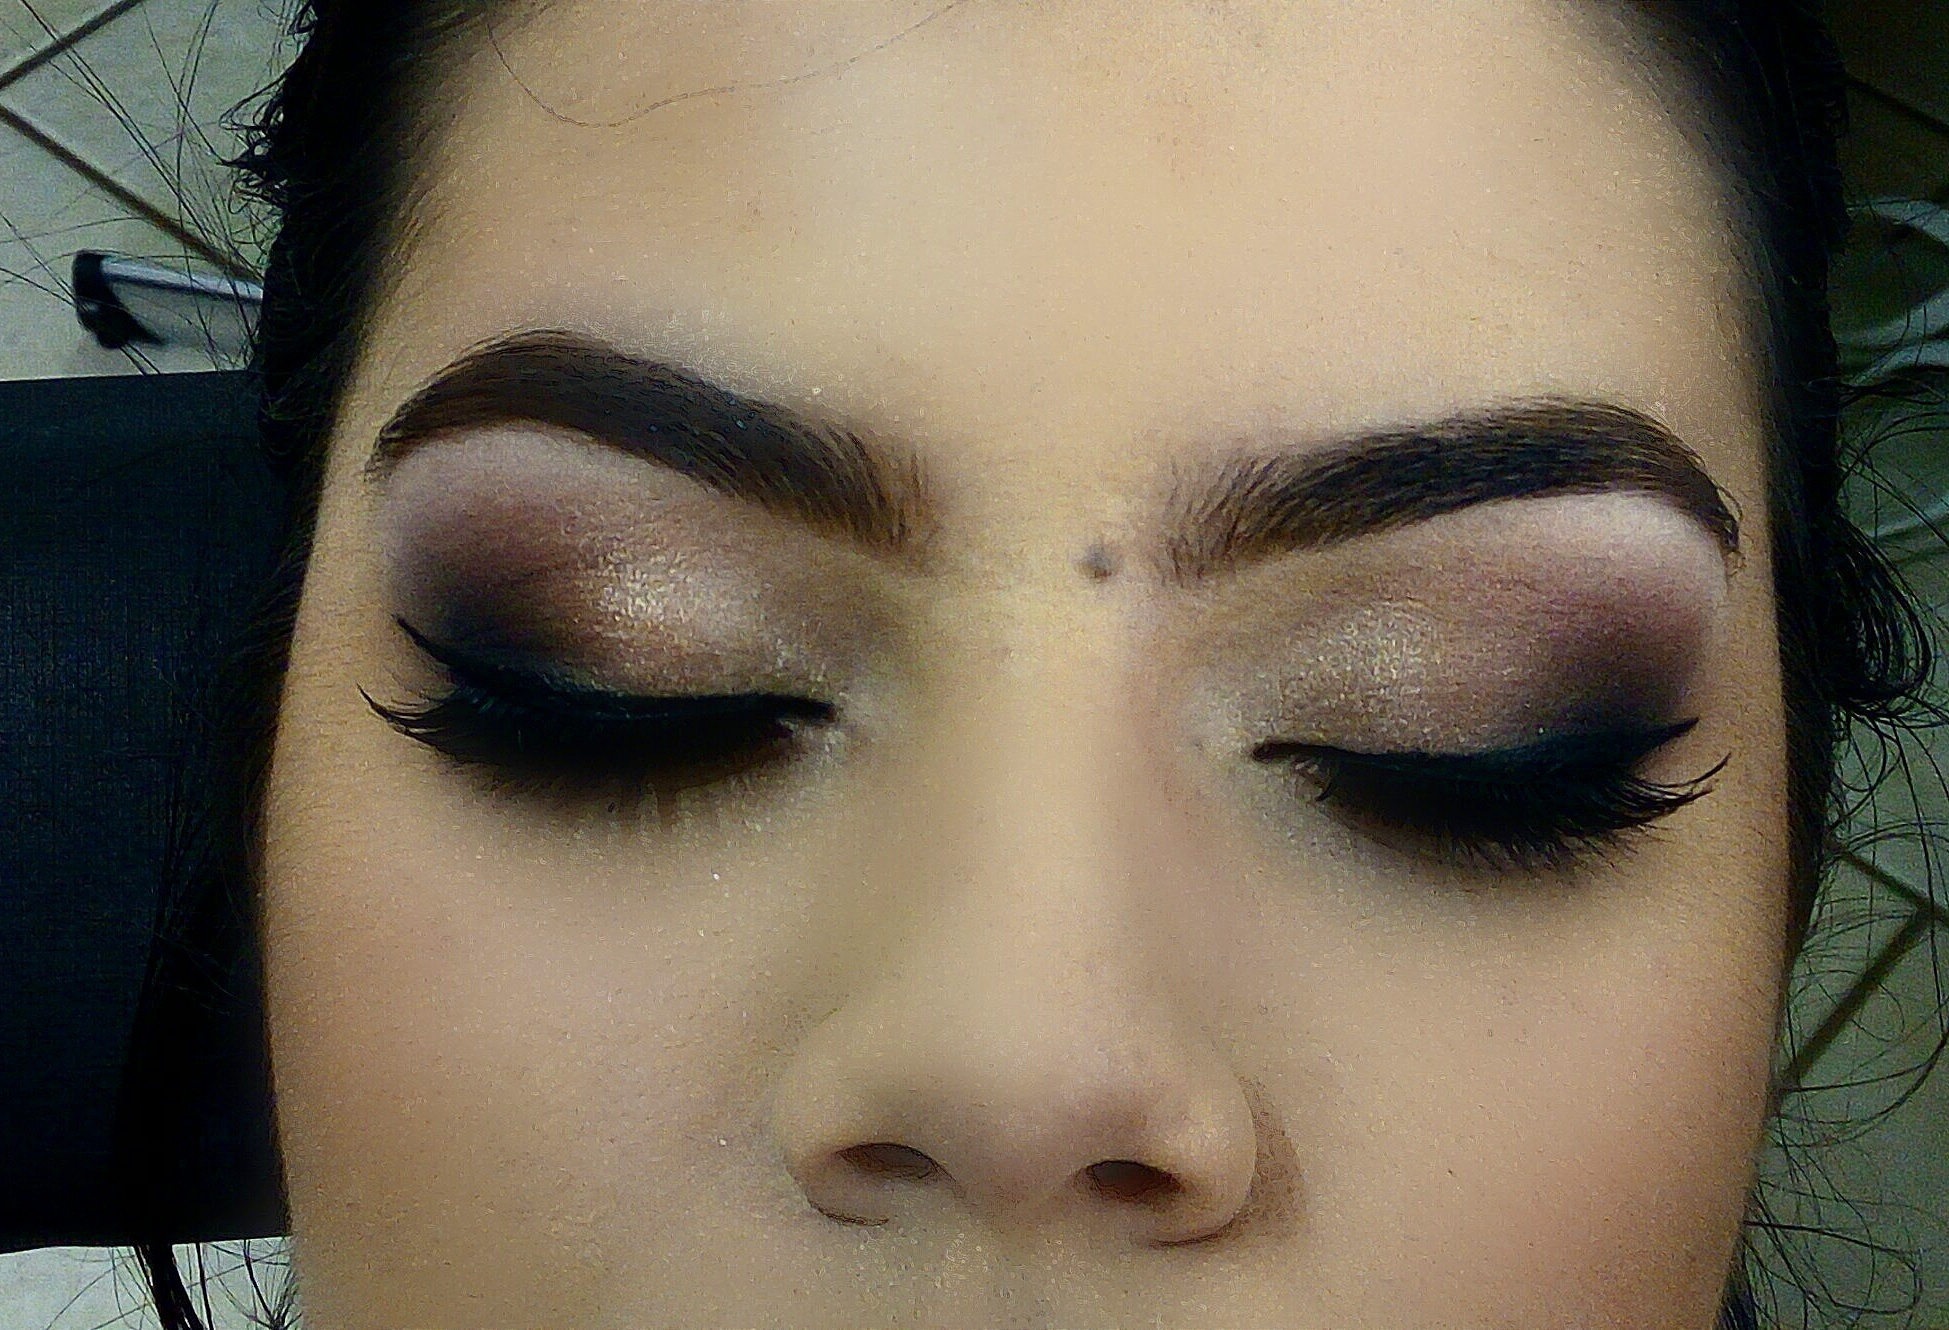 #makeup #conceptualmakeup #maquiagemconceitual #maquiagem #olhosesfumados #esfumado #casamento #noivas maquiagem maquiador(a)